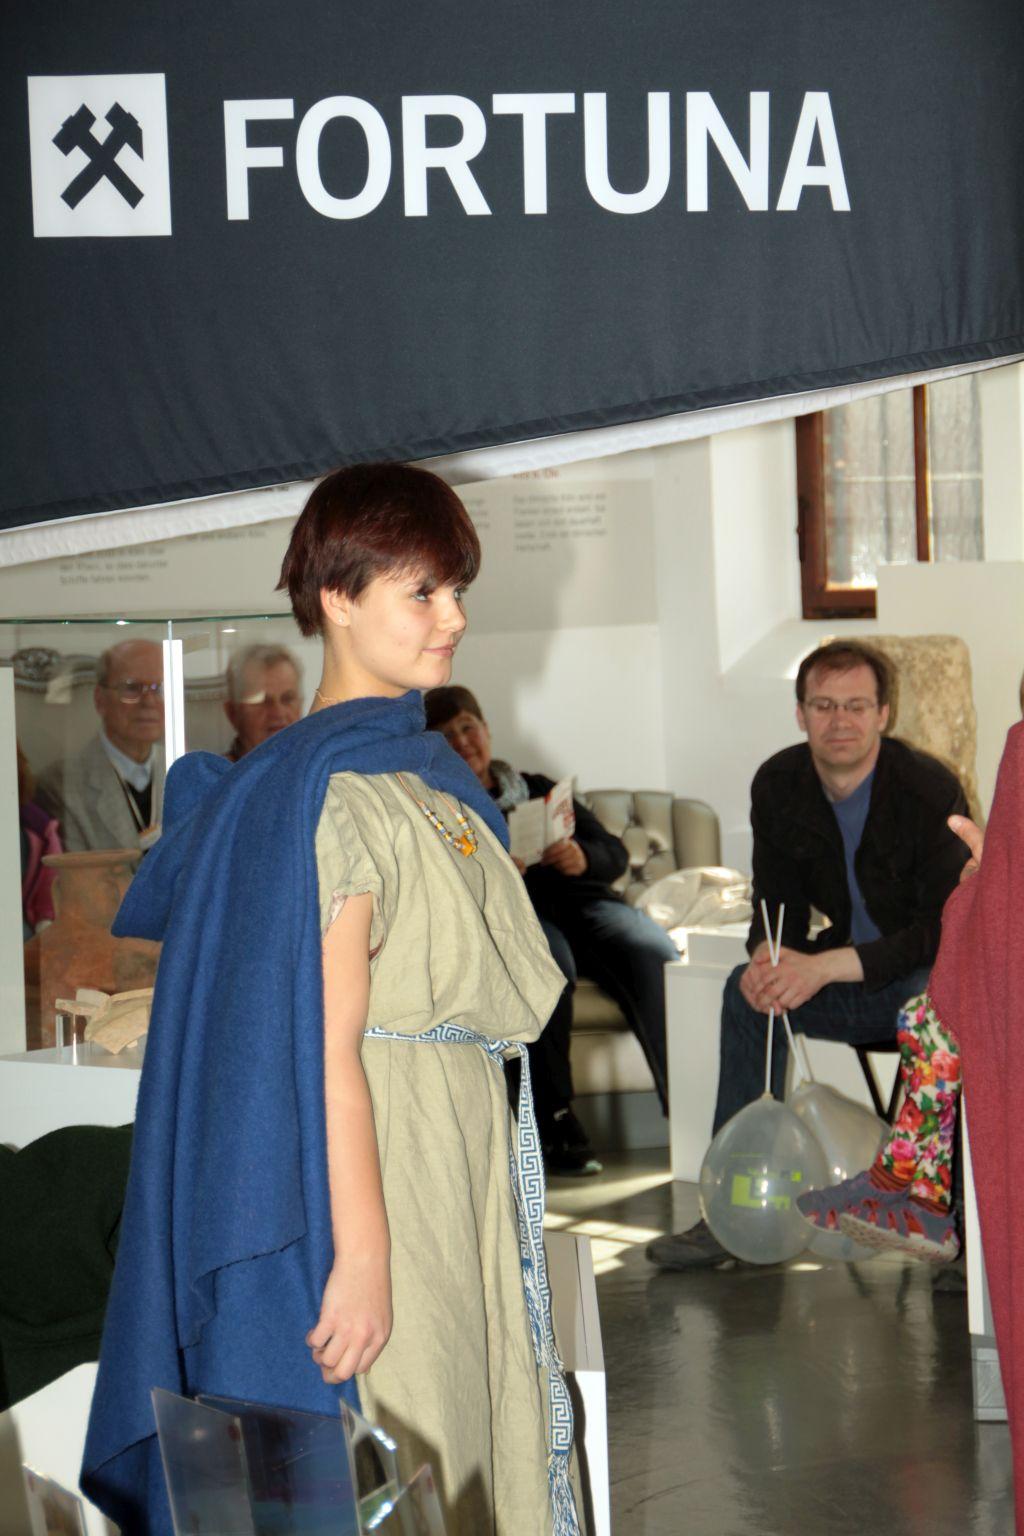 Römerin mit Tunika